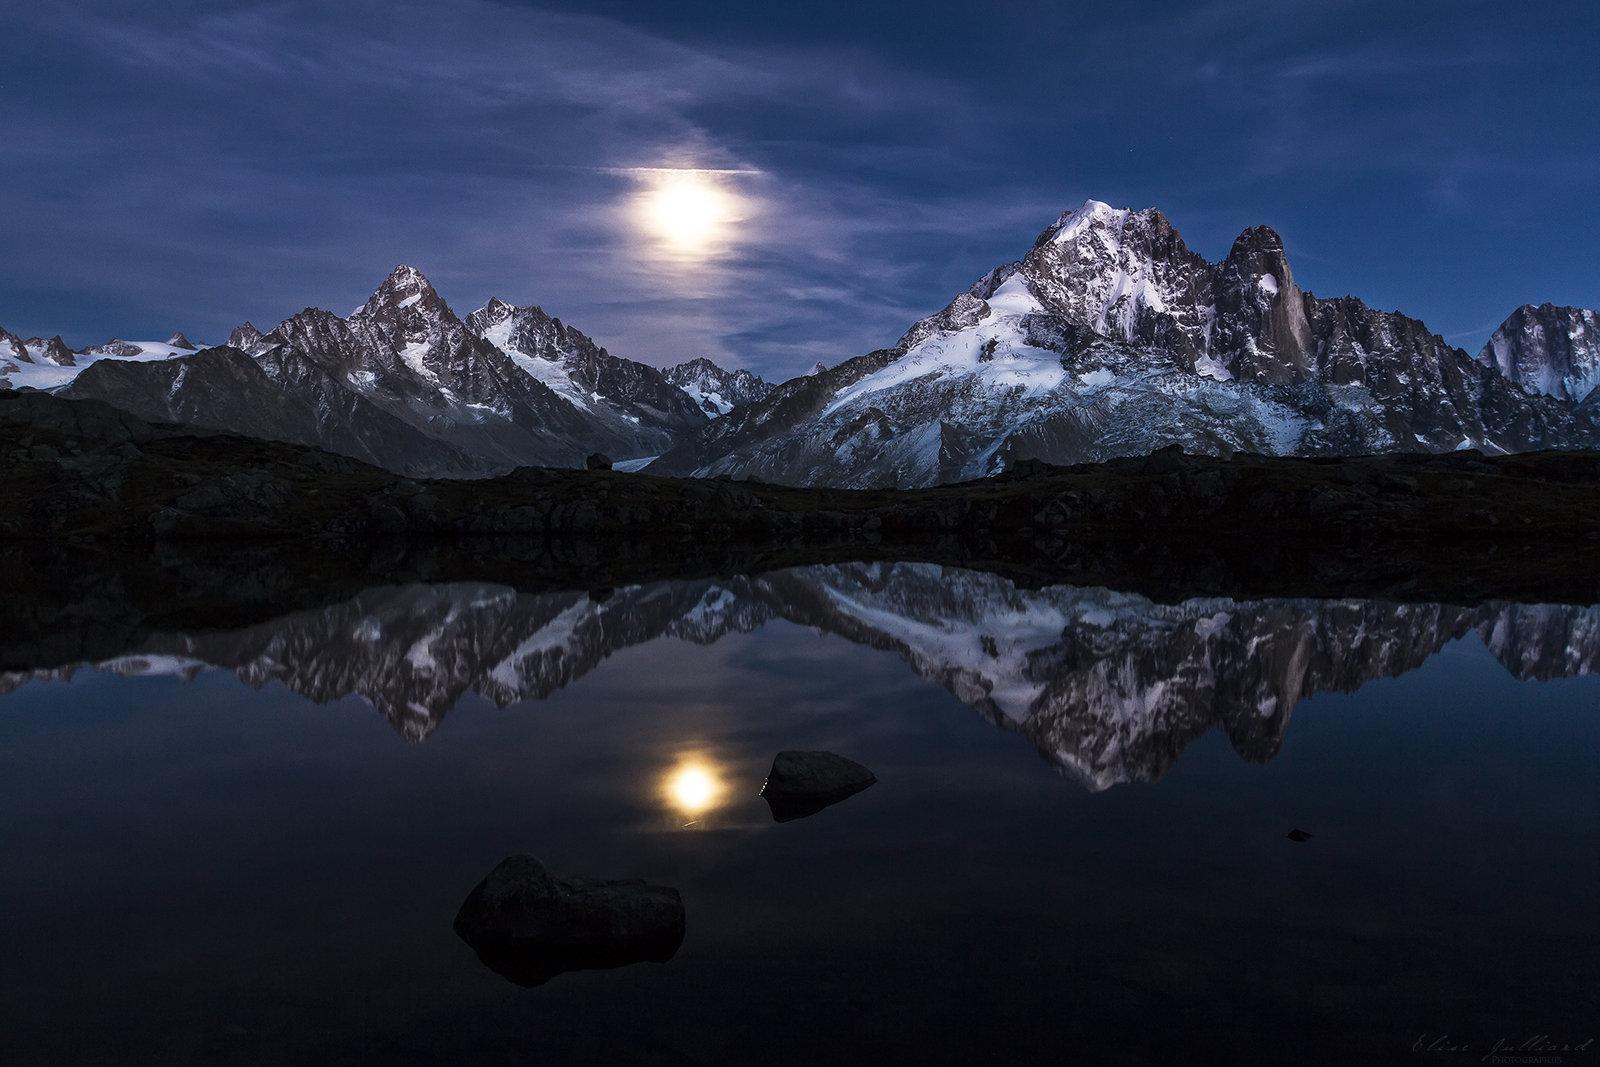 elise-julliard-photographe-photo-paysage-nuit-lune-haute-savoie-chamonix